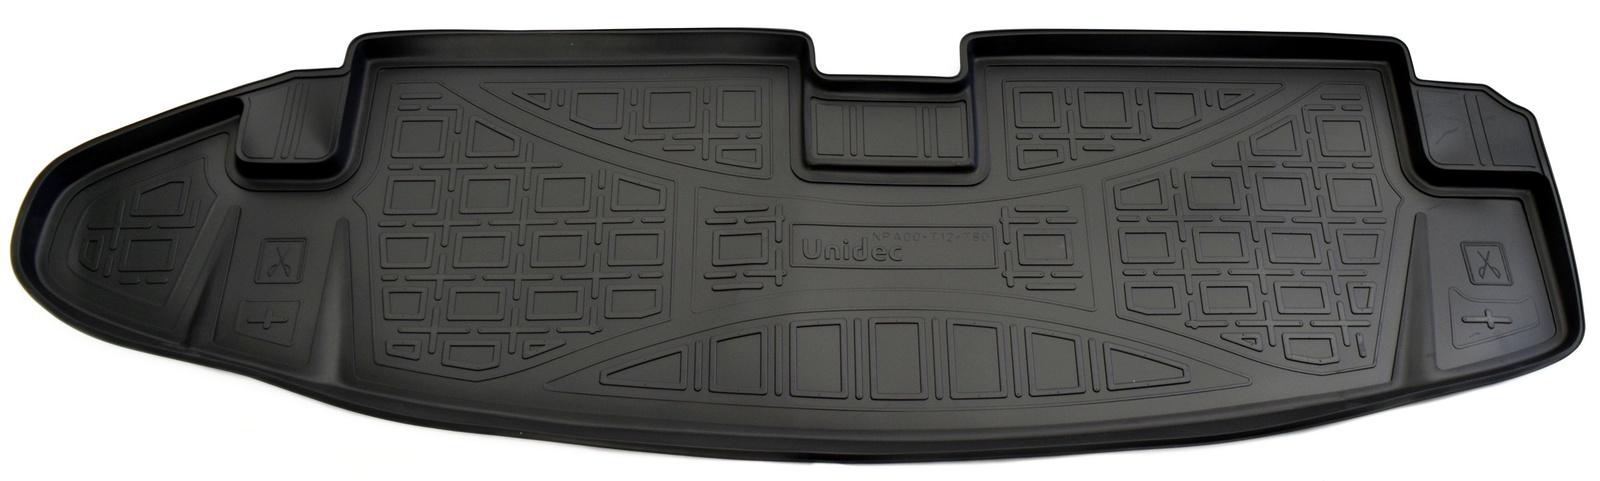 Коврик в багажник Norplast NPA00-T12-780NPA00-T12-780Точное прилегание Без неприятного запаха Высокие бортики Не скользят Подходит на:CHEVROLET Trail Blazer 2012-2016 Полиуретановые автомобильные коврики фирмы «Норпласт» надежно защищают обшивку салона и багажника от влаги и загрязнений. Это высококачественное изделие, которое гарантированно прослужит длительный срок. Каждый комплект ковриков производится индивидуально для определённой модели автомобиля. На этапе разработки изделий применяется технология 3D сканирования салона, благодаря чему, каждый коврик имеет оригинальную форму, которая точно повторяет контур пола или багажного отделения автомобиля.